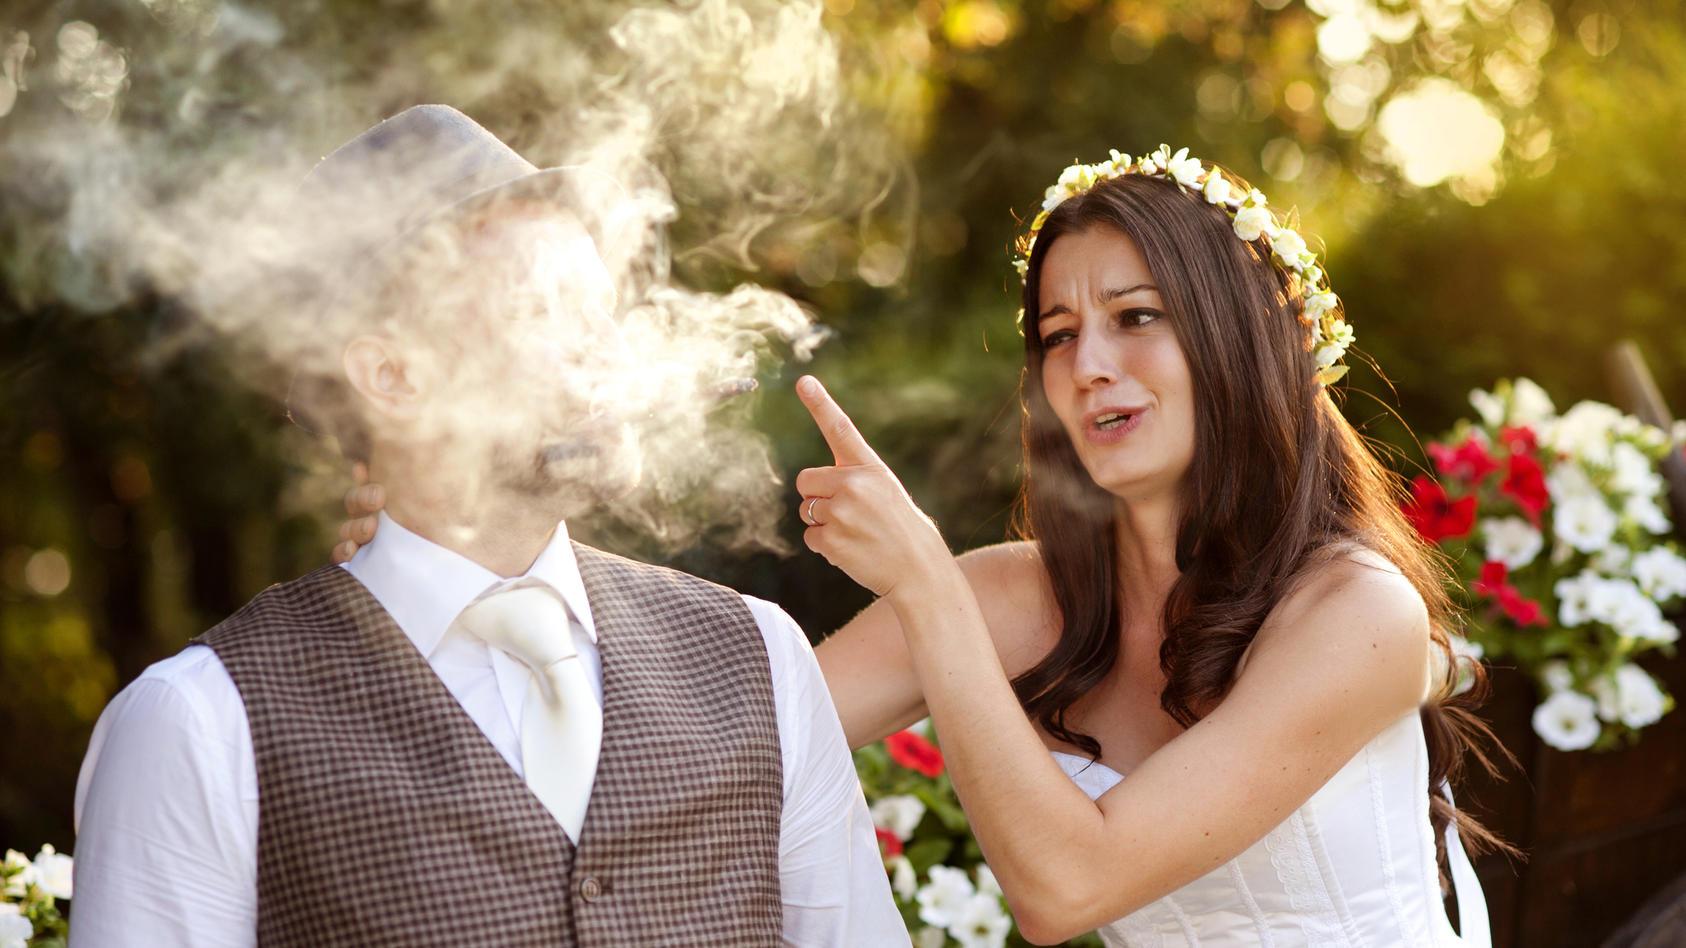 Echt jetzt? Hochzeitsfotos, auf denen geraucht und gedampft wird, liegen im Trend.